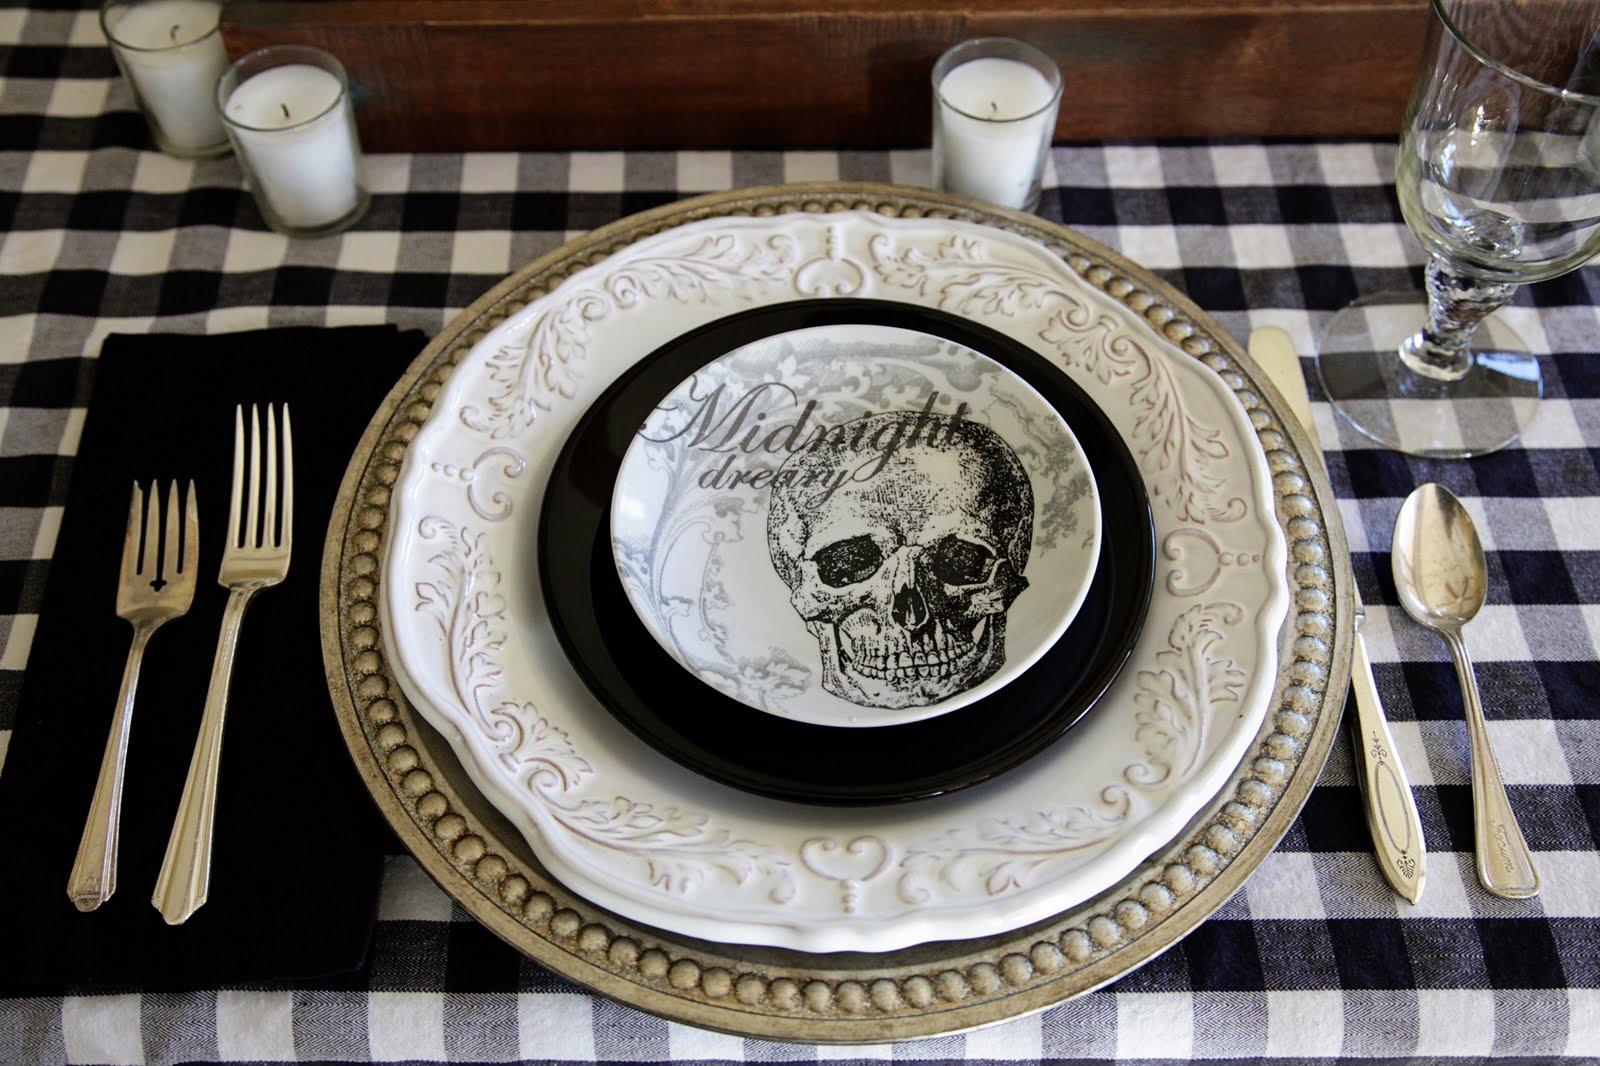 IMG_5221rb.jpg & among the saguaros: a spooky table for Halloween...